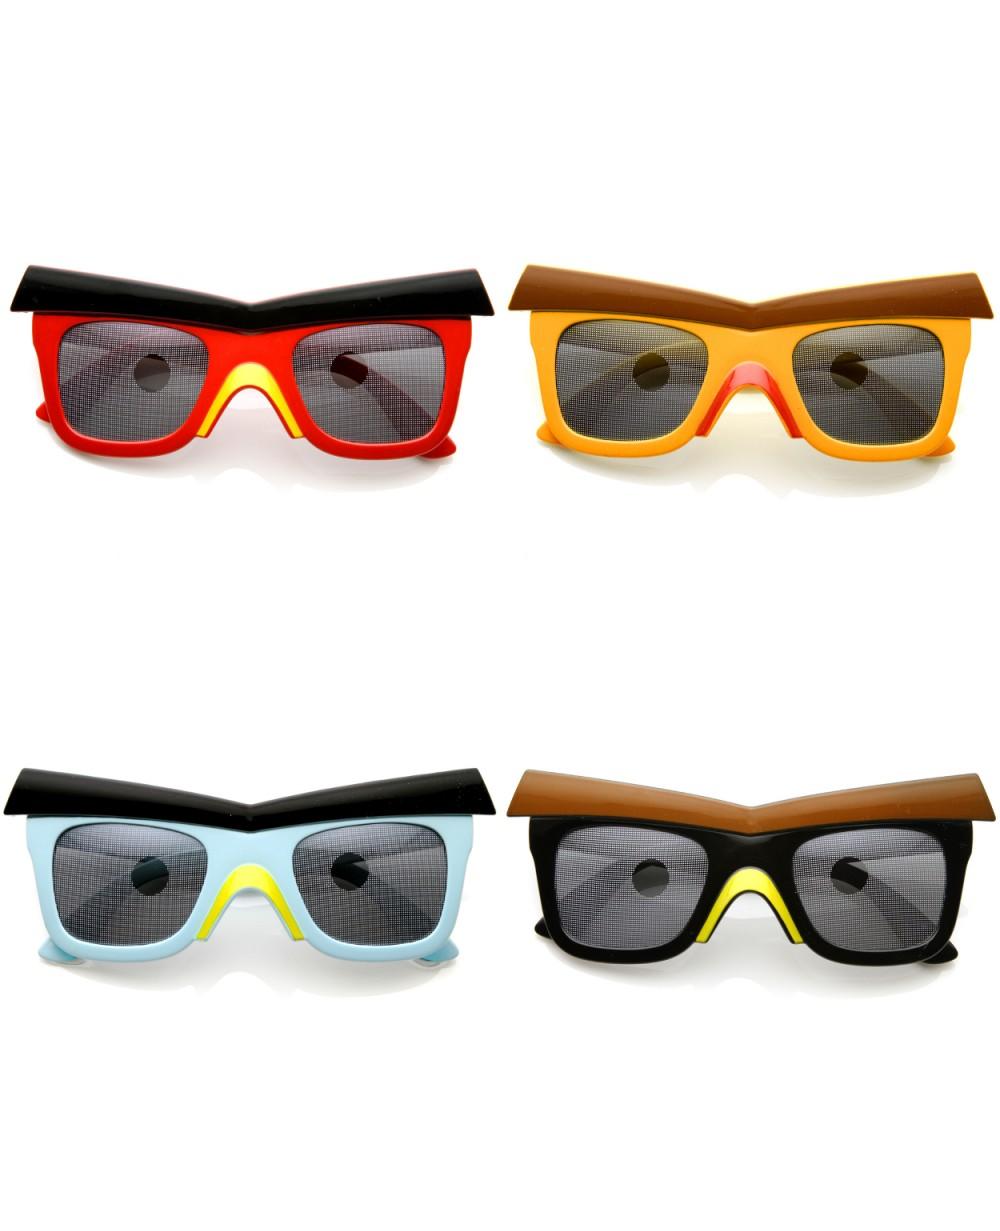 Beak-Sunglasses4 12 Unusual Sunglasses trends in 2020